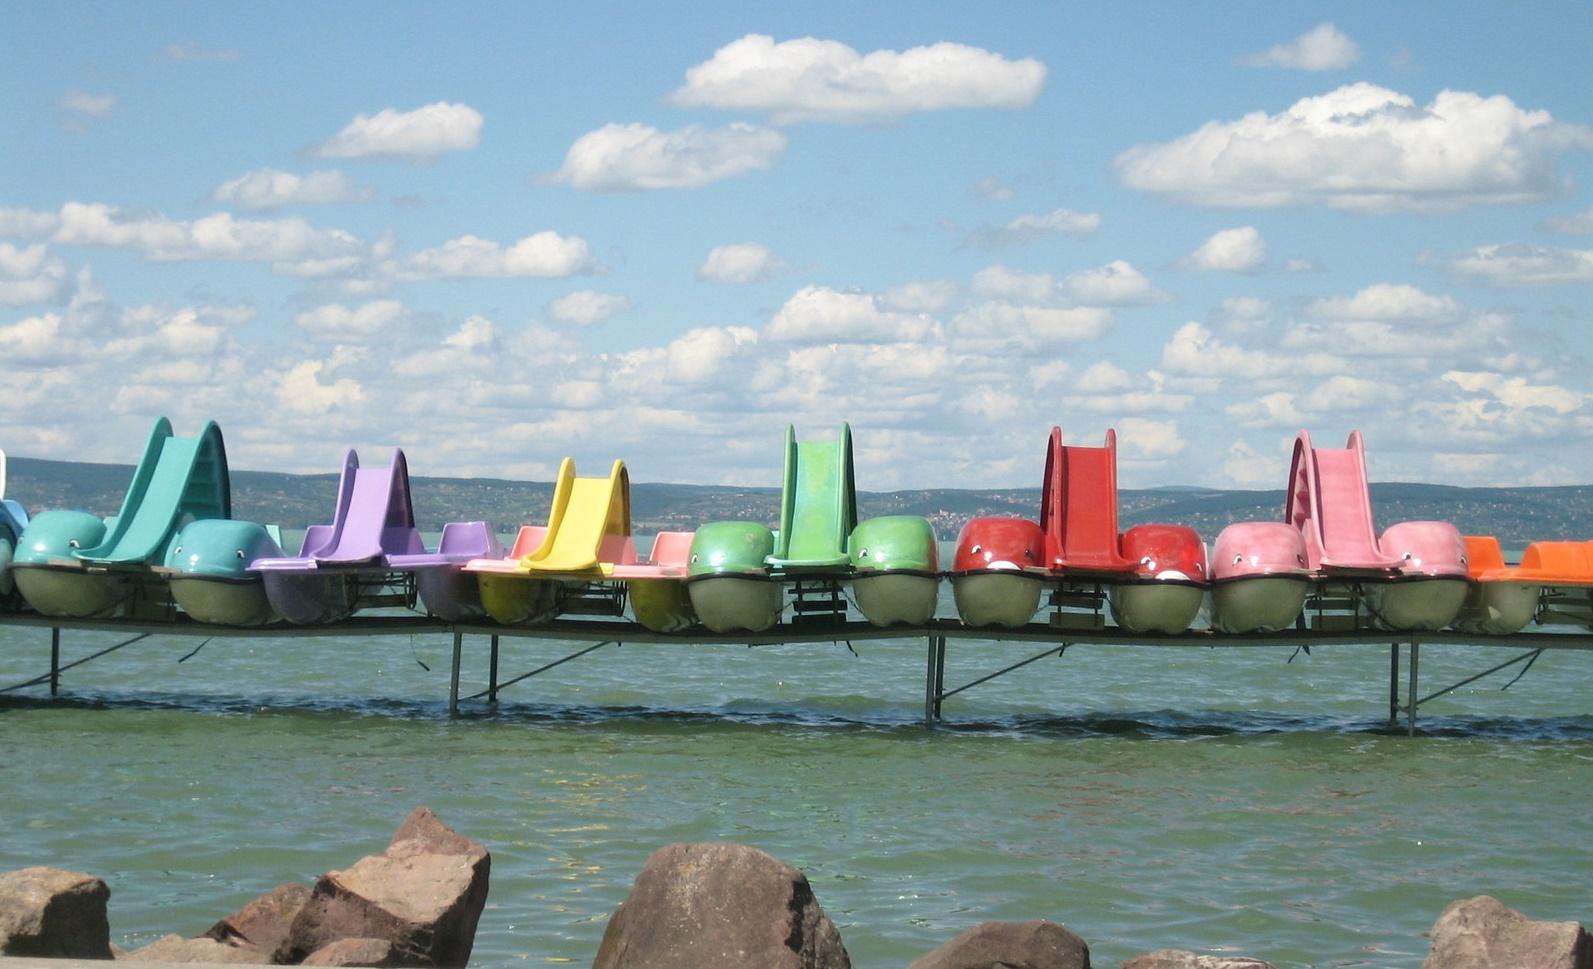 Imagen de barcas de colores apoyadas en un saliente de madera sobre el mar